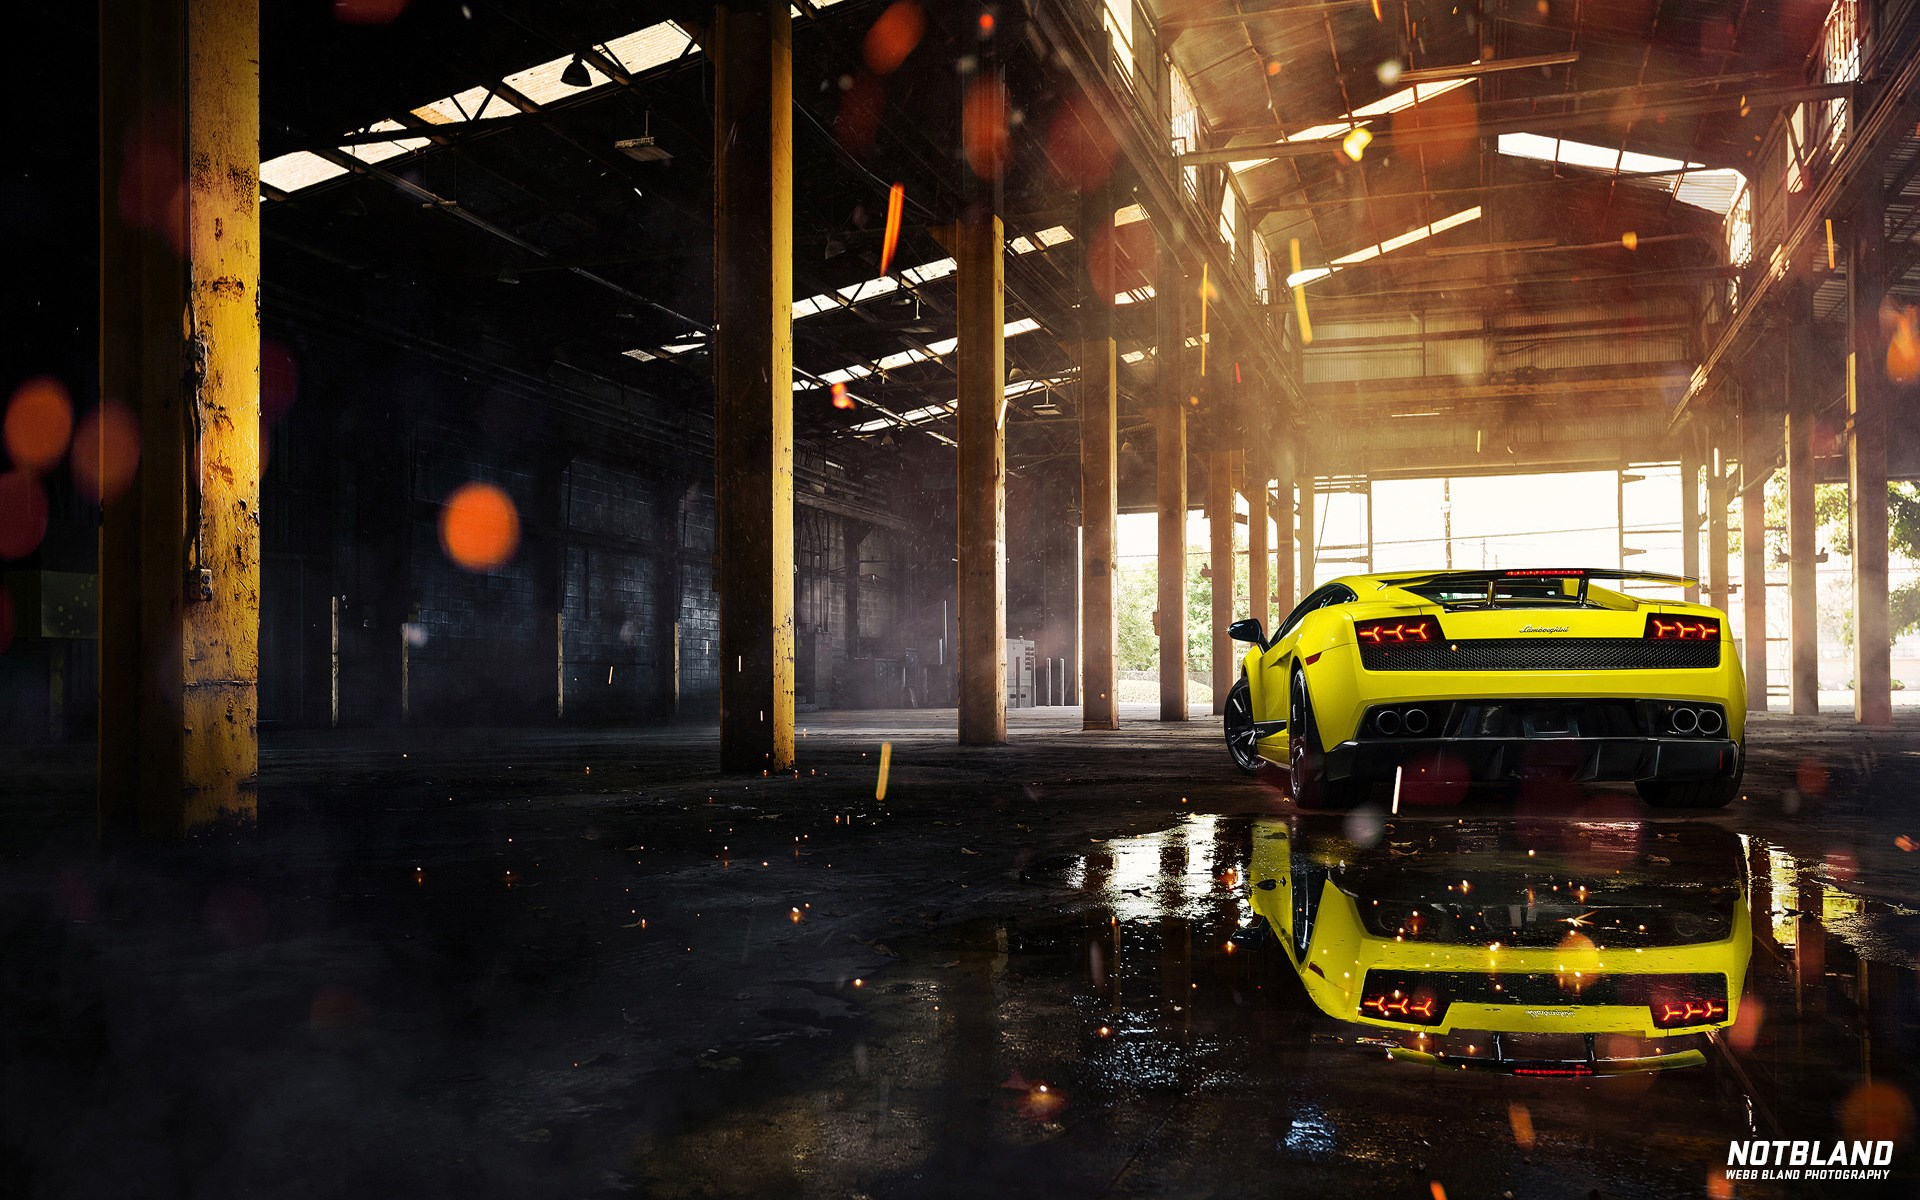 Car Lamborghini Gallardo Superleggera Yellow Back Warehouse